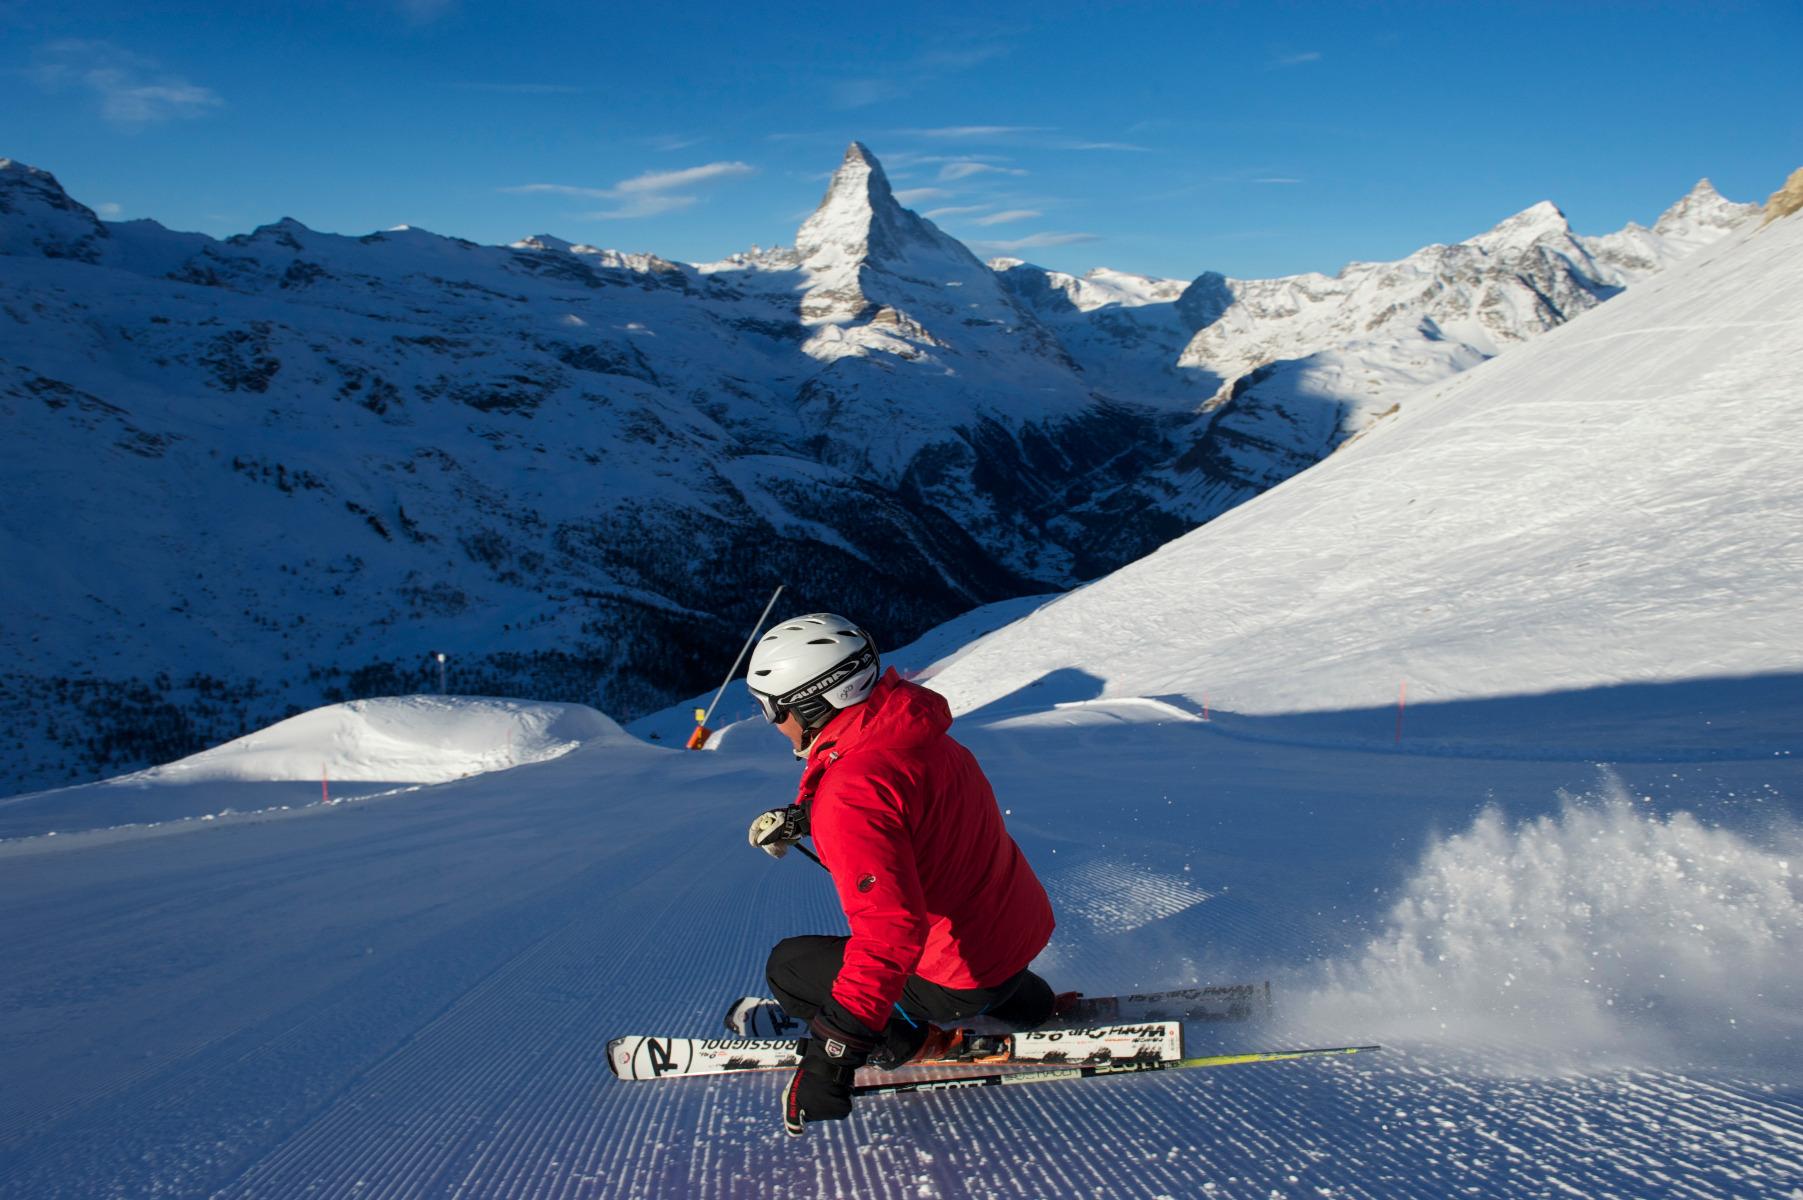 Letní lyžařské středisko Zermatt, Švýcarsko